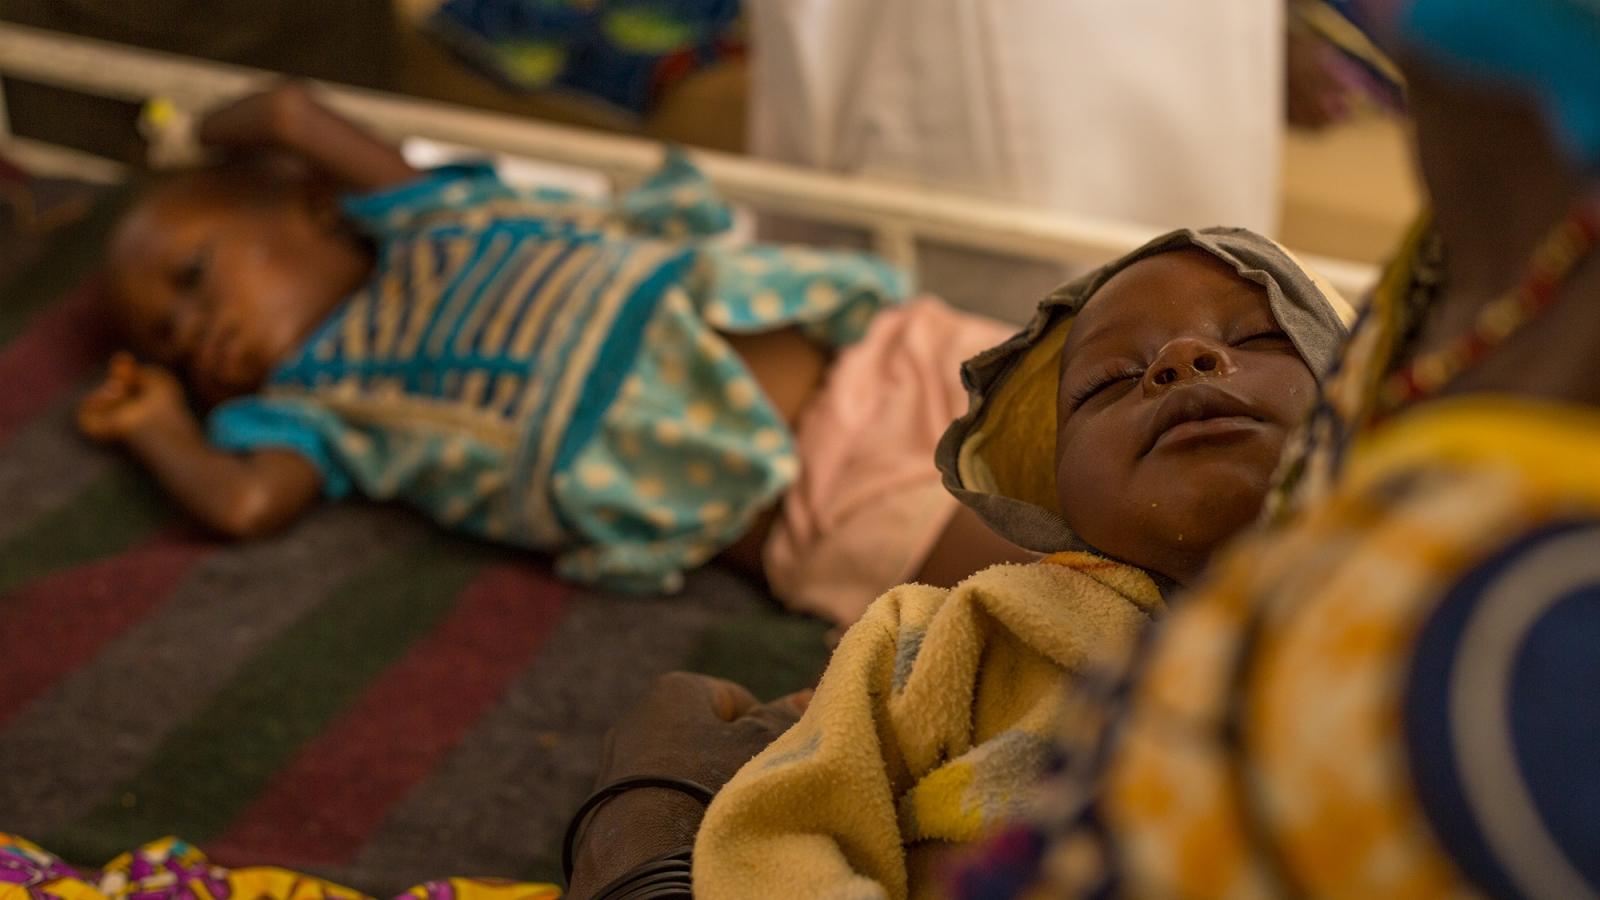 سندھ بھر میں 122 بچے خسرے کے باعث موت کا شکار